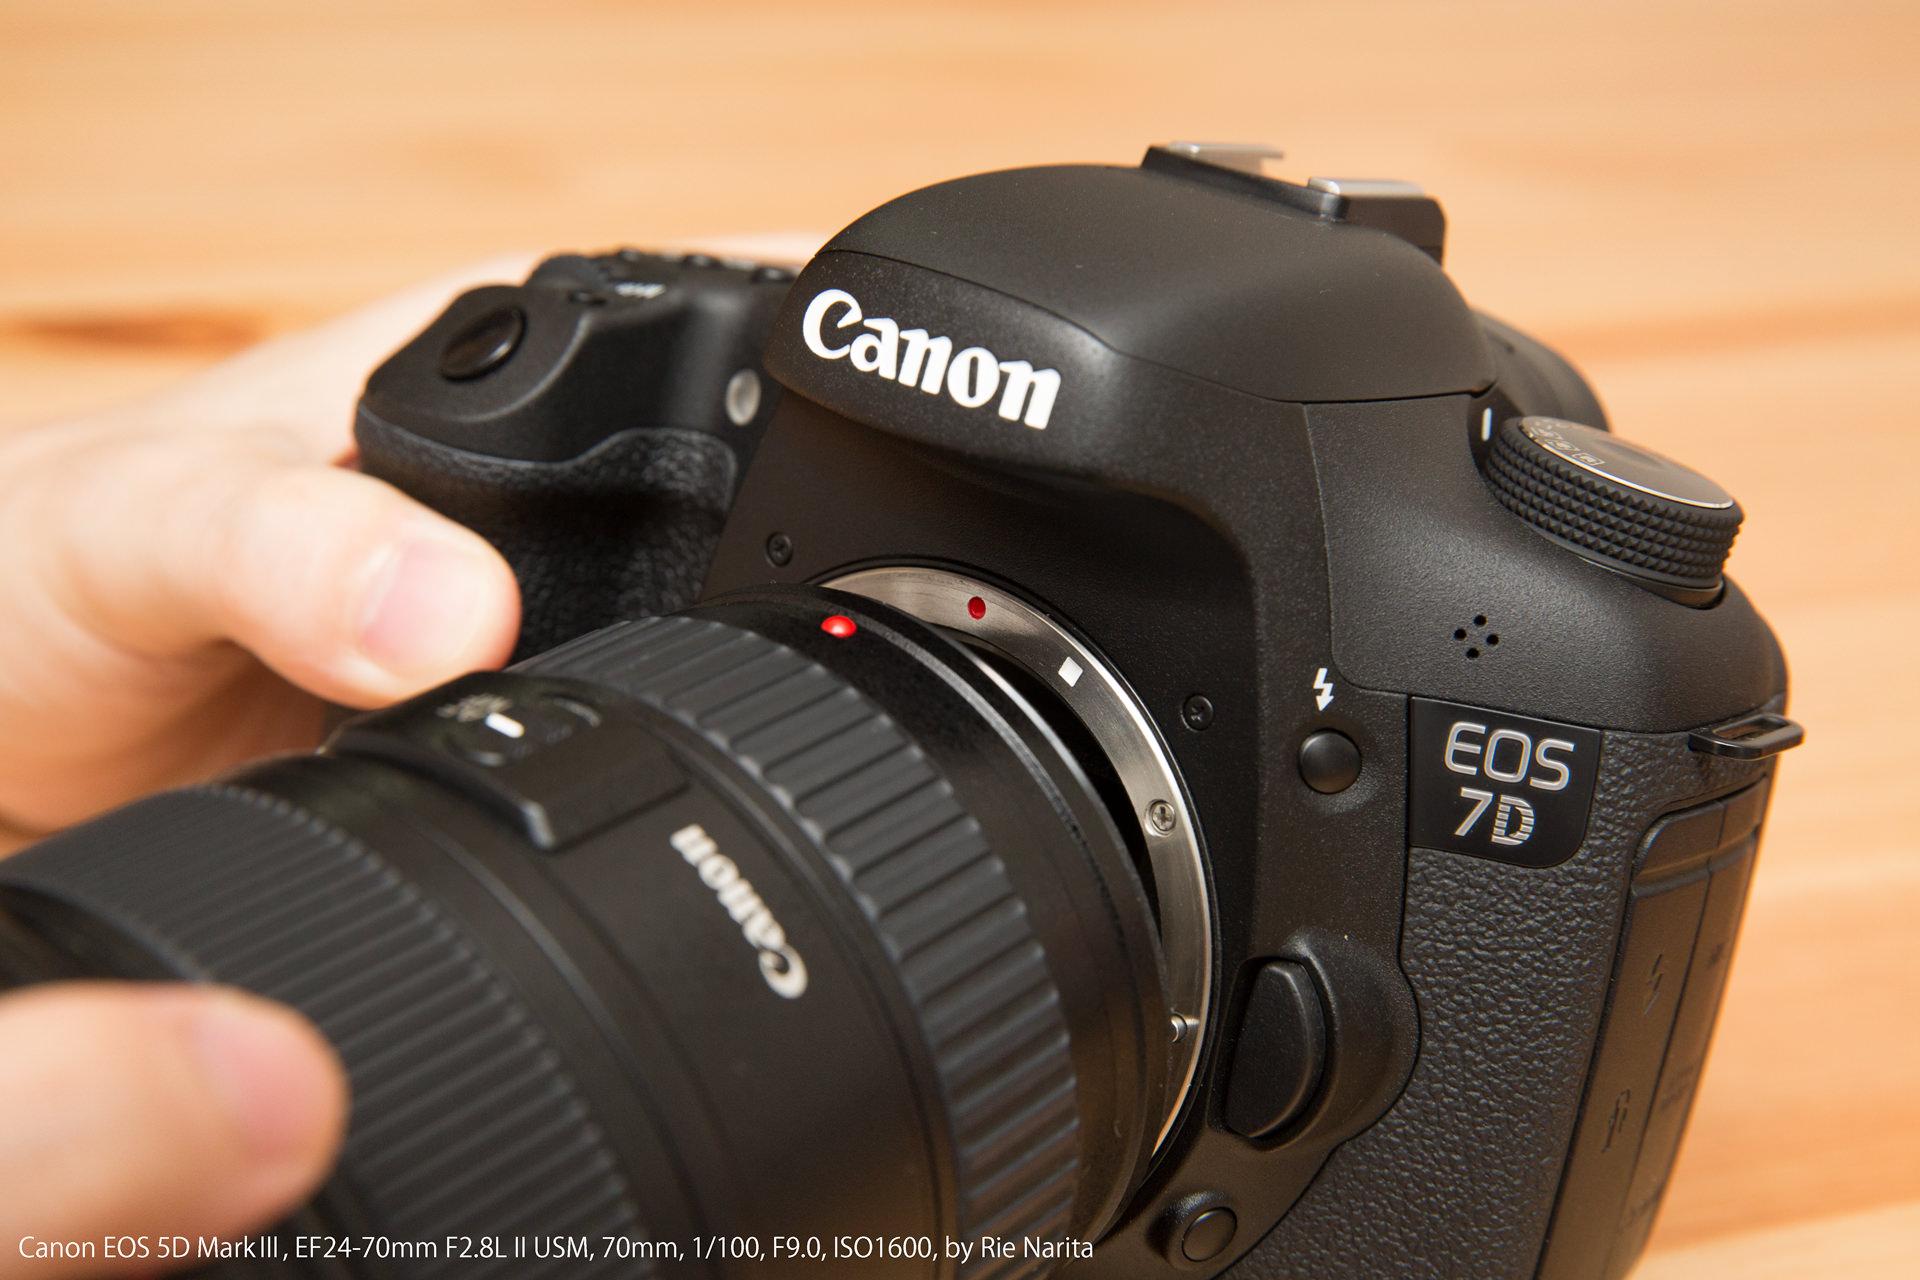 カメラとレンズの取り付け指標(赤い印)を合わせているところ